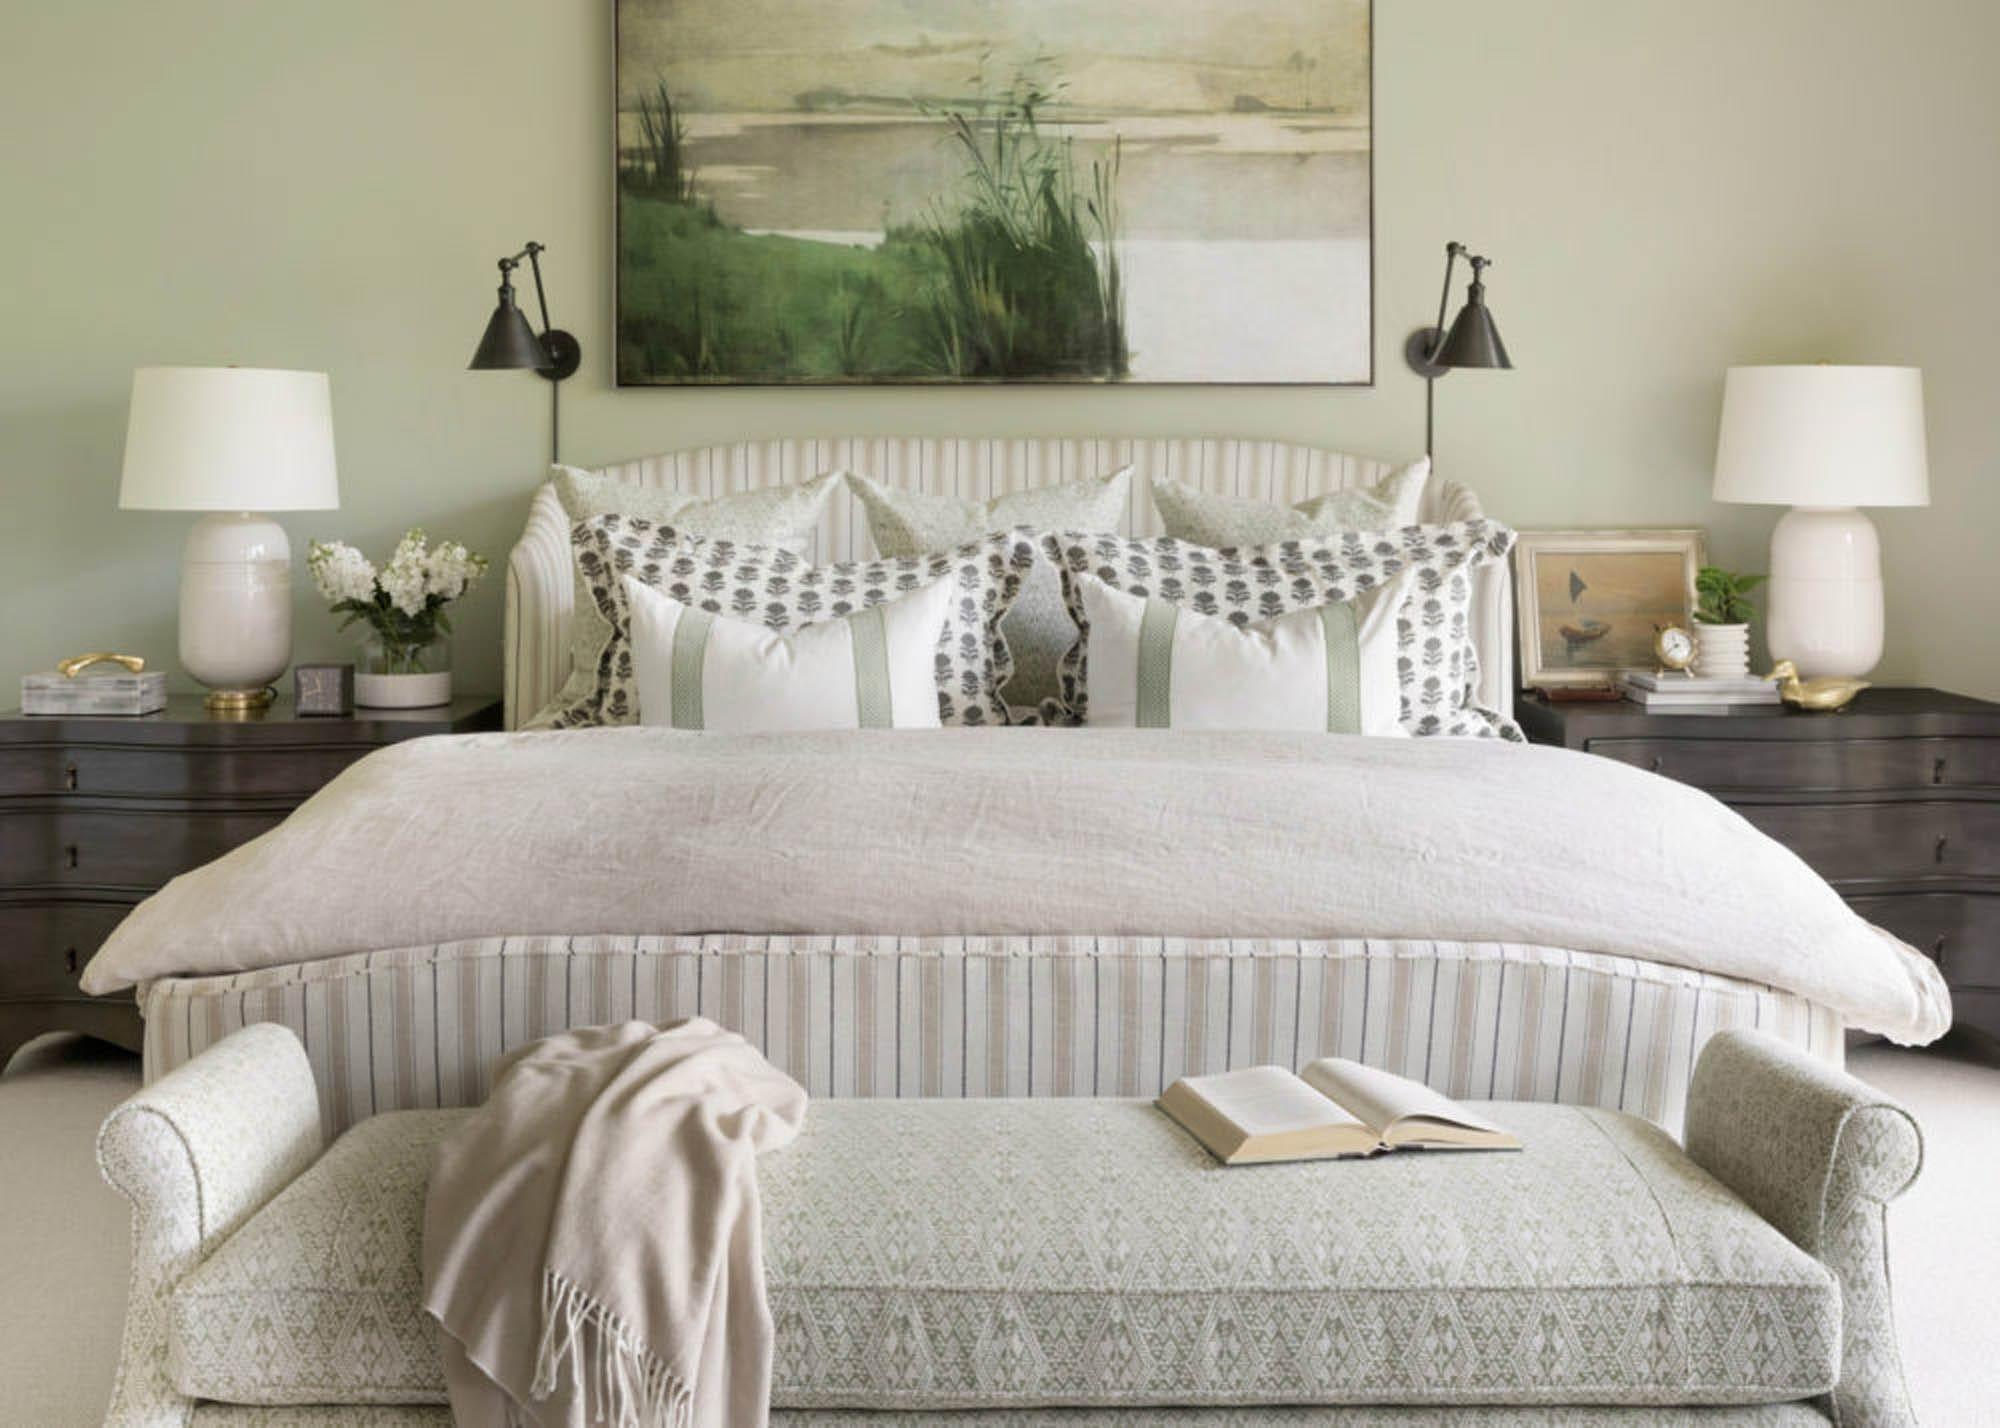 A Bria Hammel Interiors' bedroom